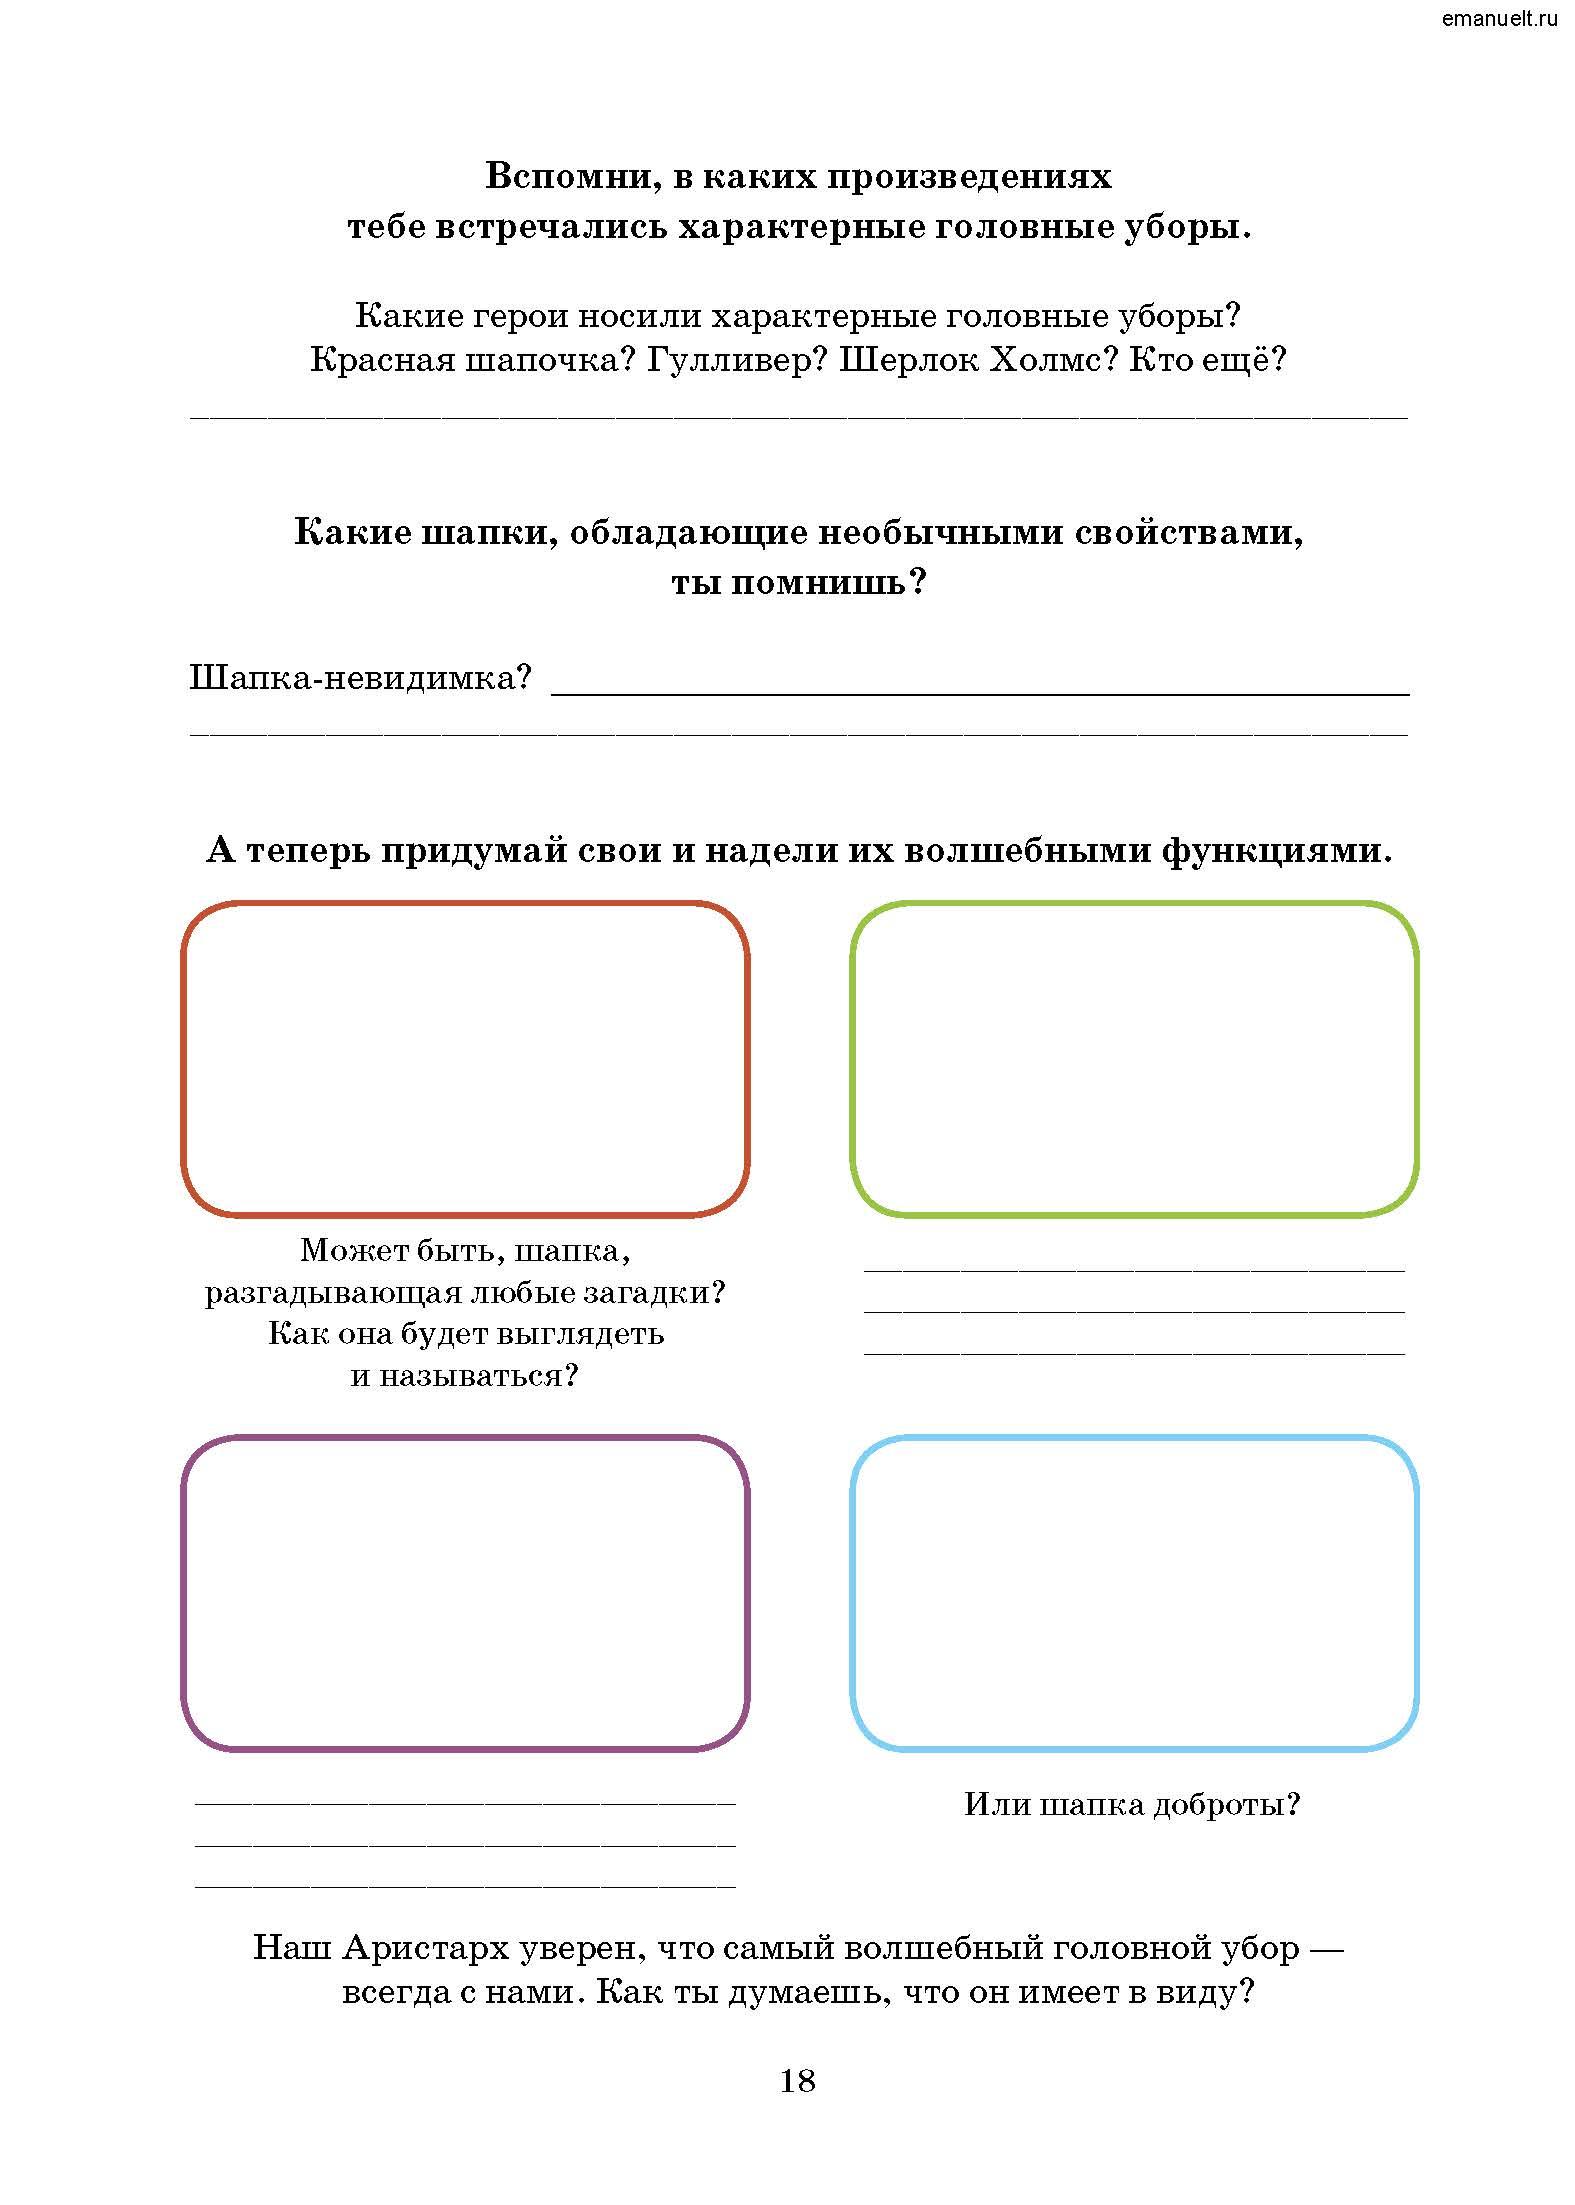 Рассказки в заданиях. emanuelt.ru_Страница_019